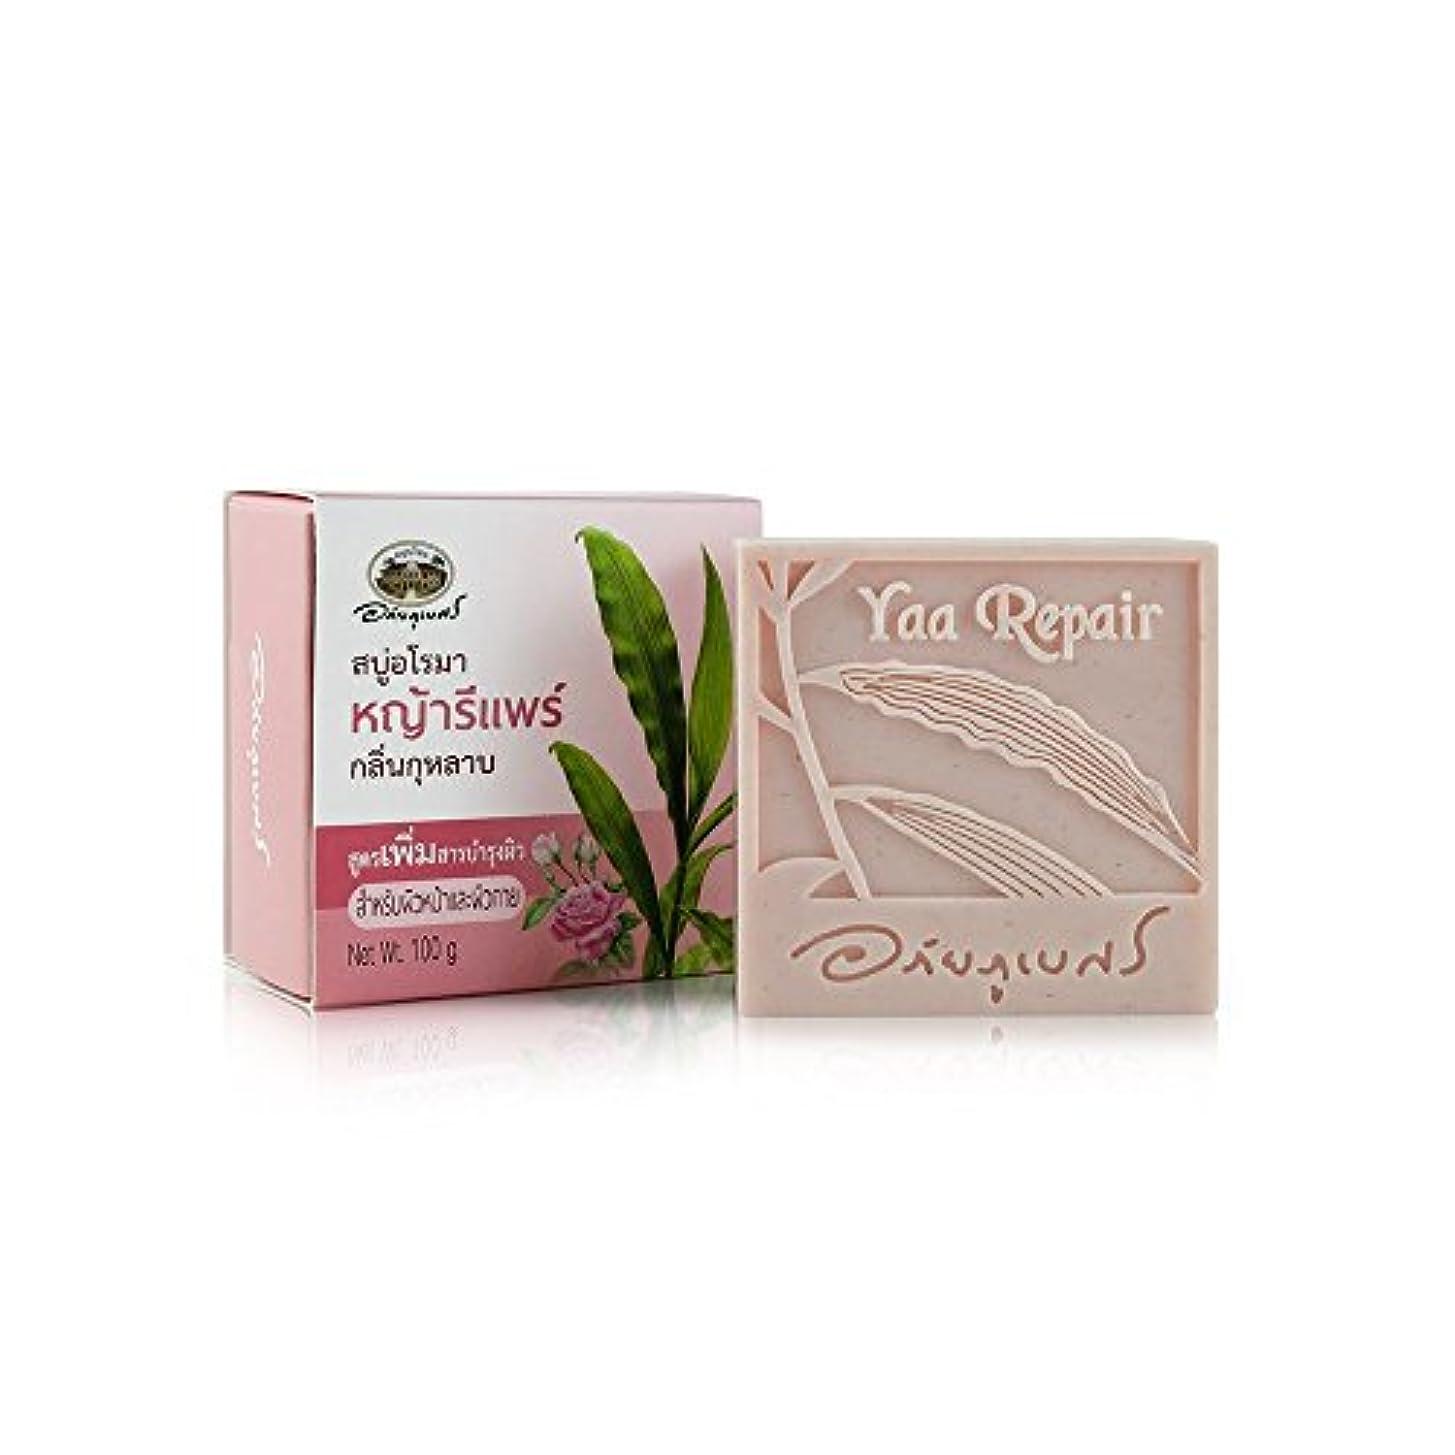 新しさ状況意味するAbhaibhubejhr Thai Aromatherapy With Rose Skin Care Formula Herbal Body Face Cleaning Soap 100g. Abhaibhubejhr...